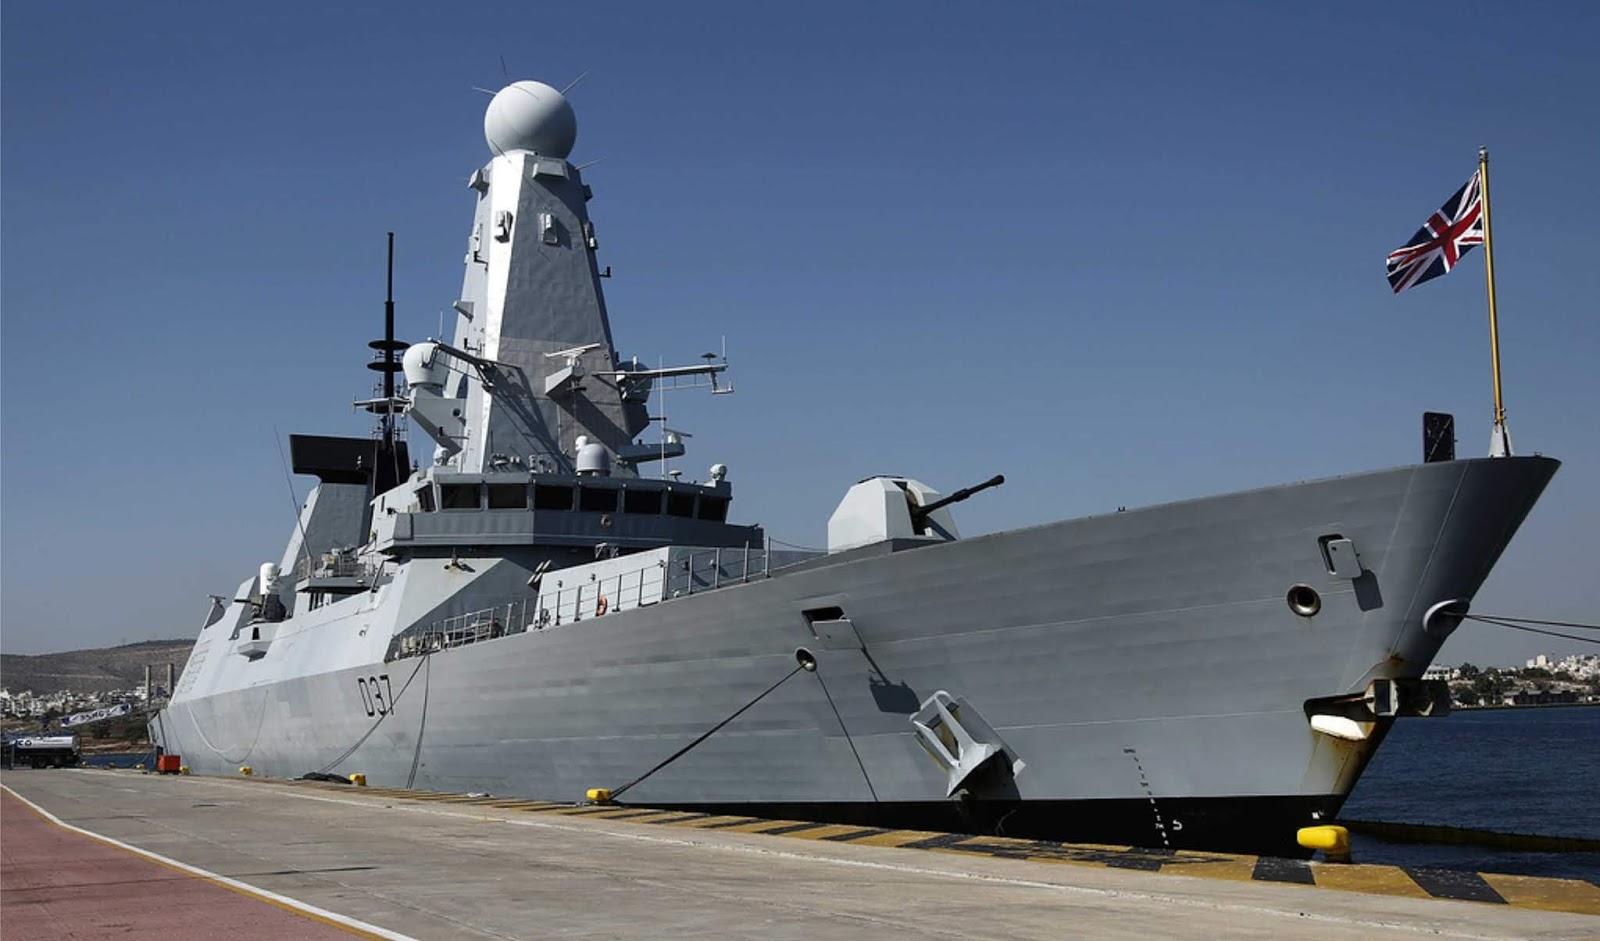 Setelah kejadian Salisbury AL Inggris ketakutan awak perusak HMS Duncan di Montenegro diserang